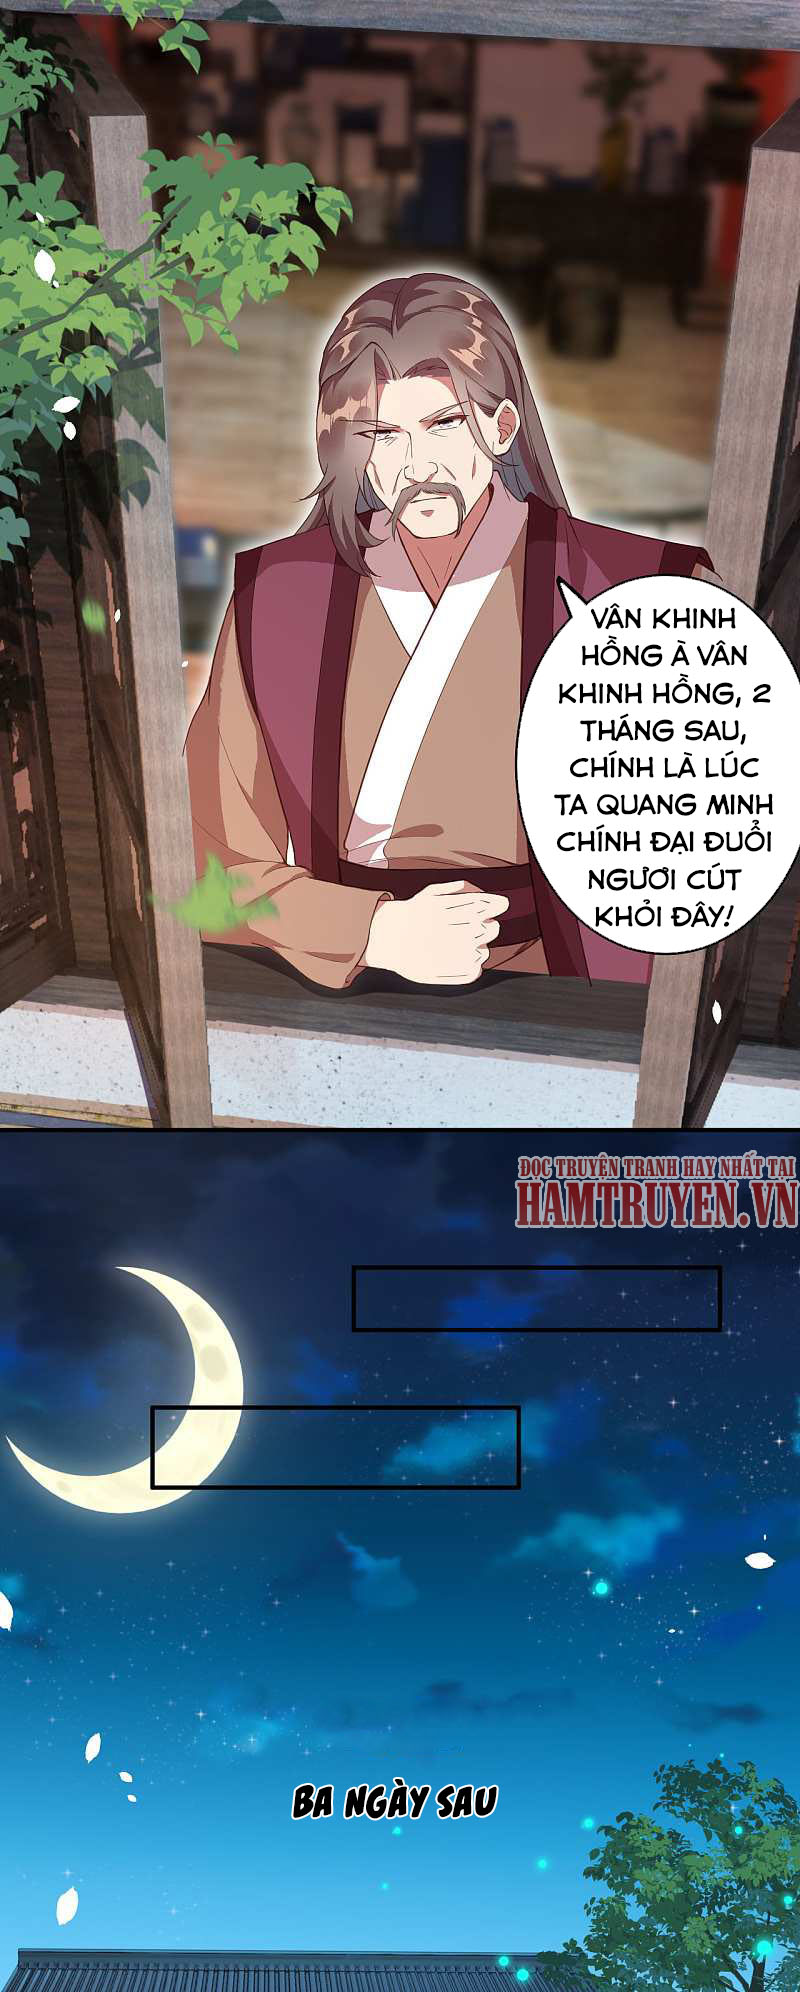 Nghịch Thiên Tà Thần Chương 329 - Truyentranhaudio.online